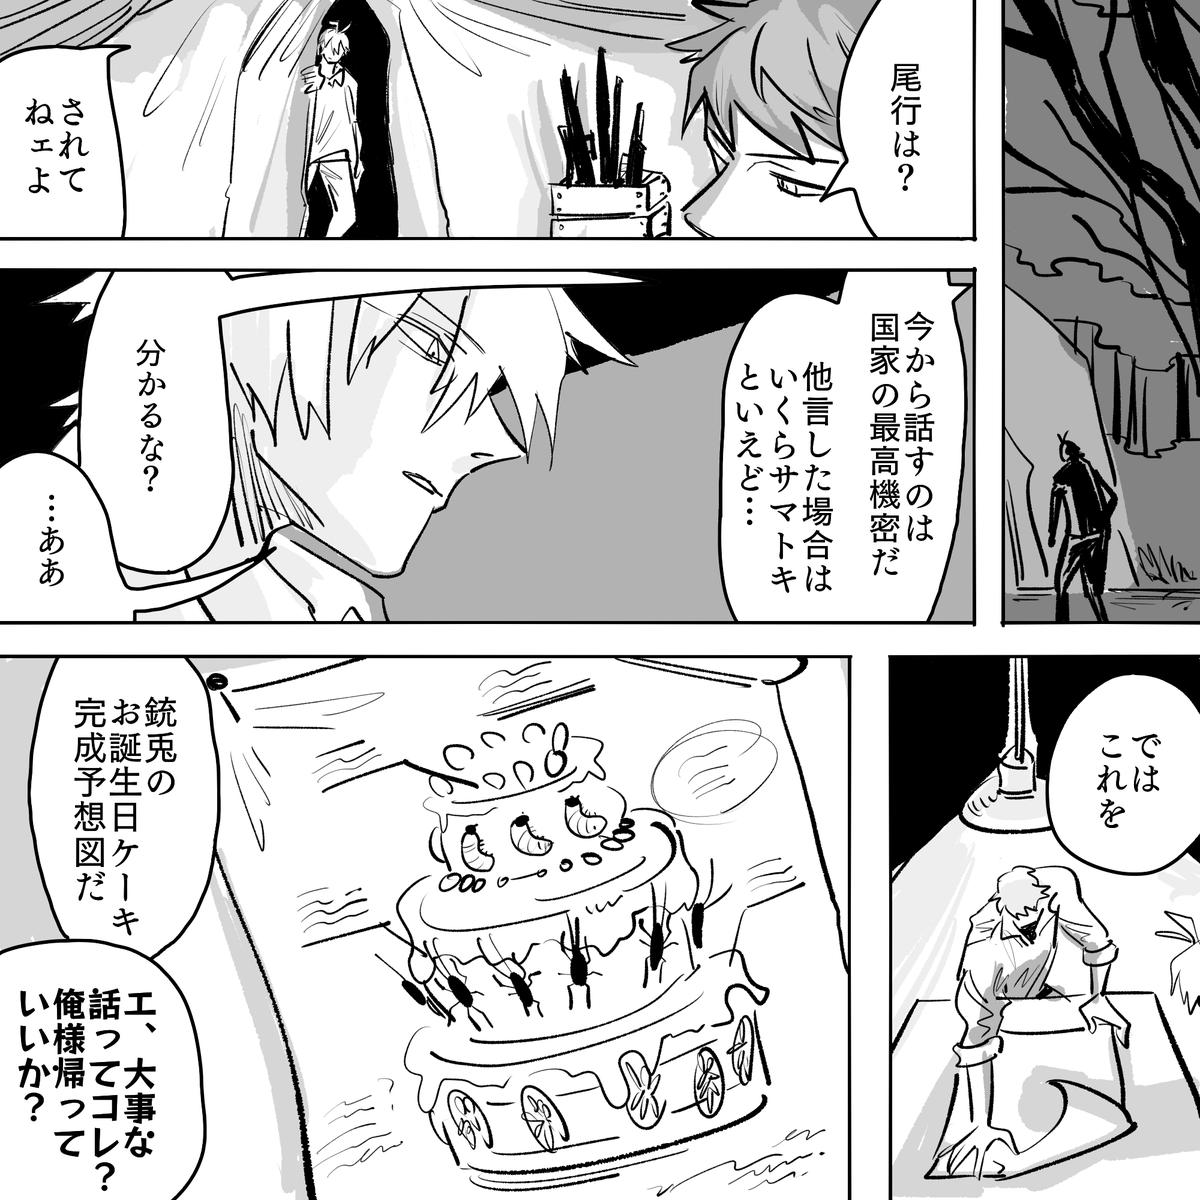 おたんじょうびの前日譚